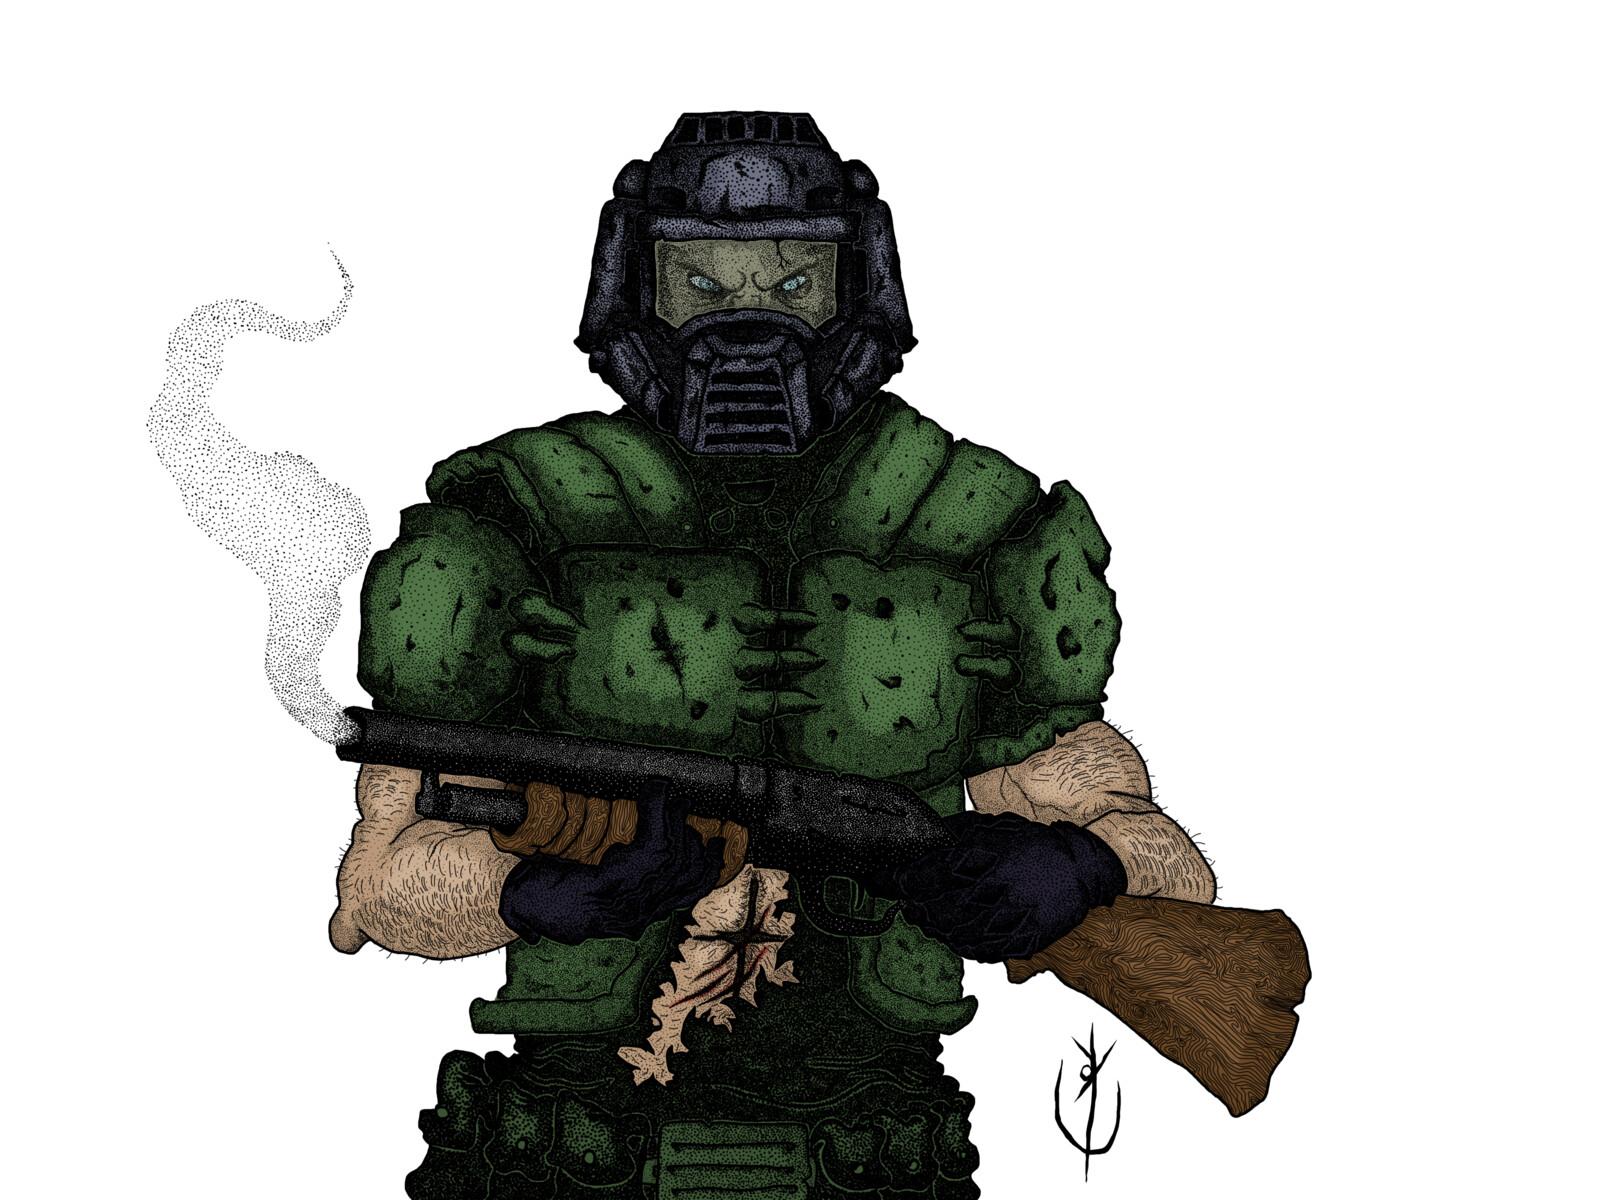 Doomguy ou Slayer colorido